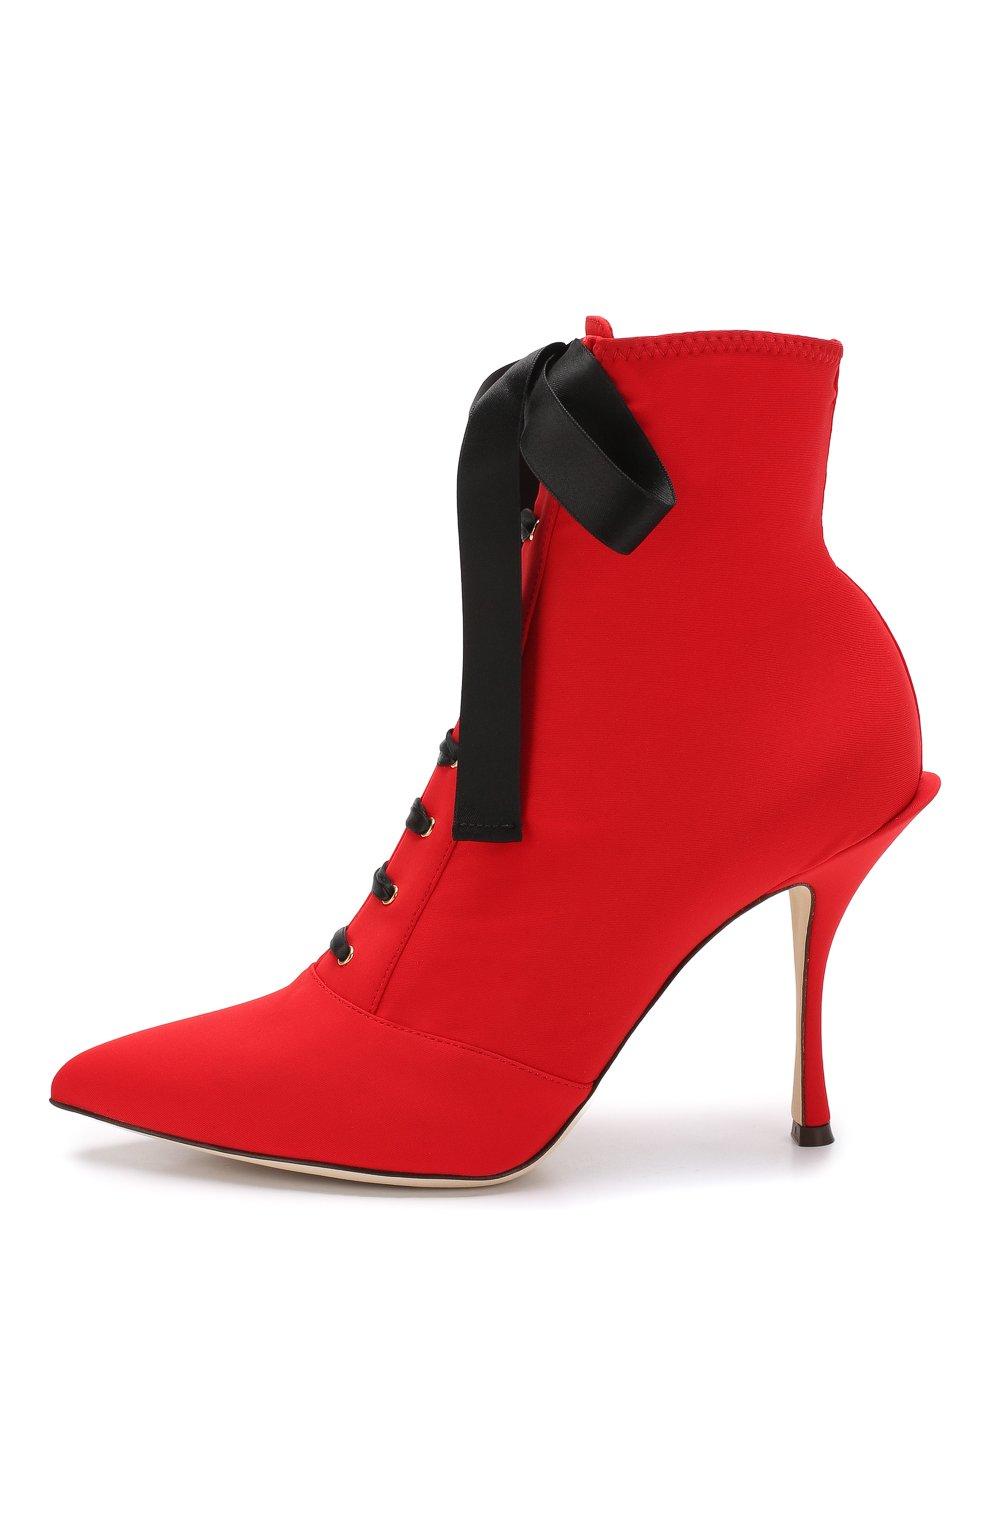 Текстильные ботильоны Lori на шпильке Dolce & Gabbana красные   Фото №3